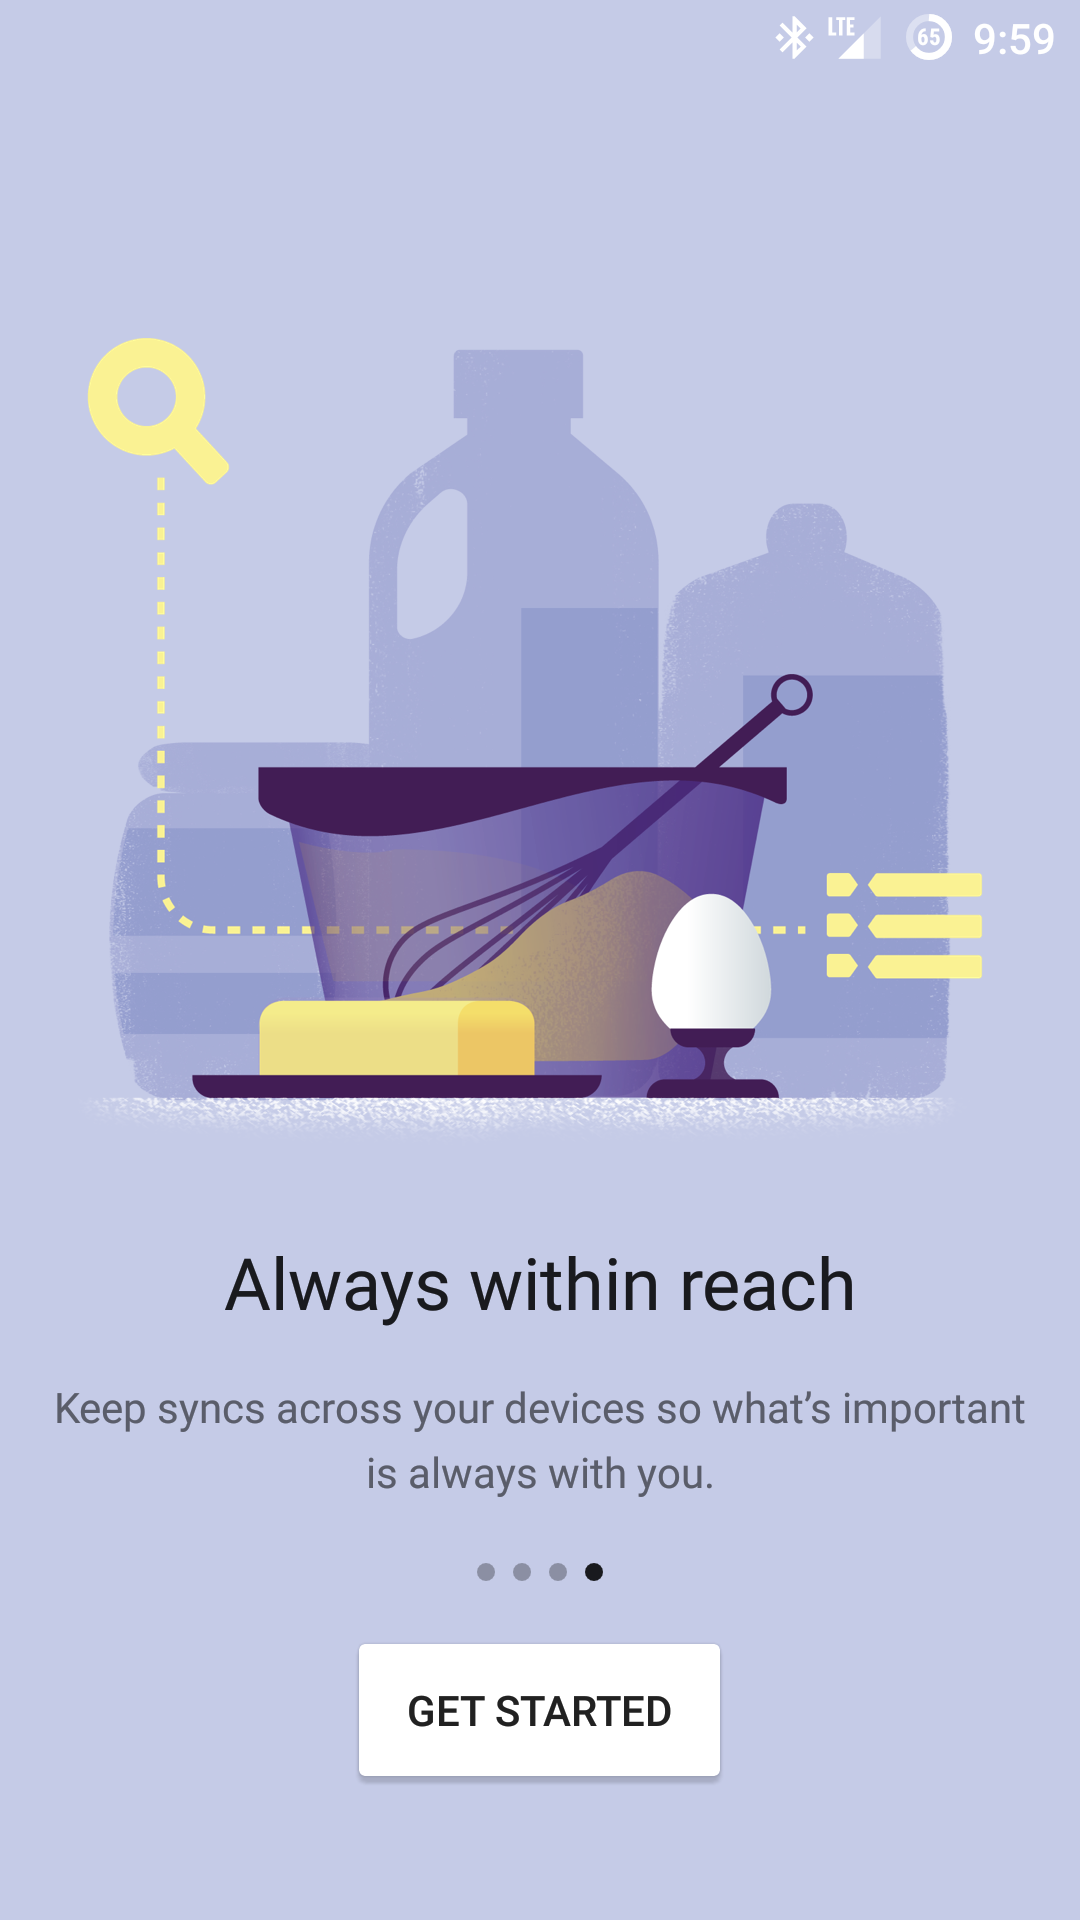 تحديث Google Keep على أندرويد يجلب واجهات ترحيب جديدة وأكثر